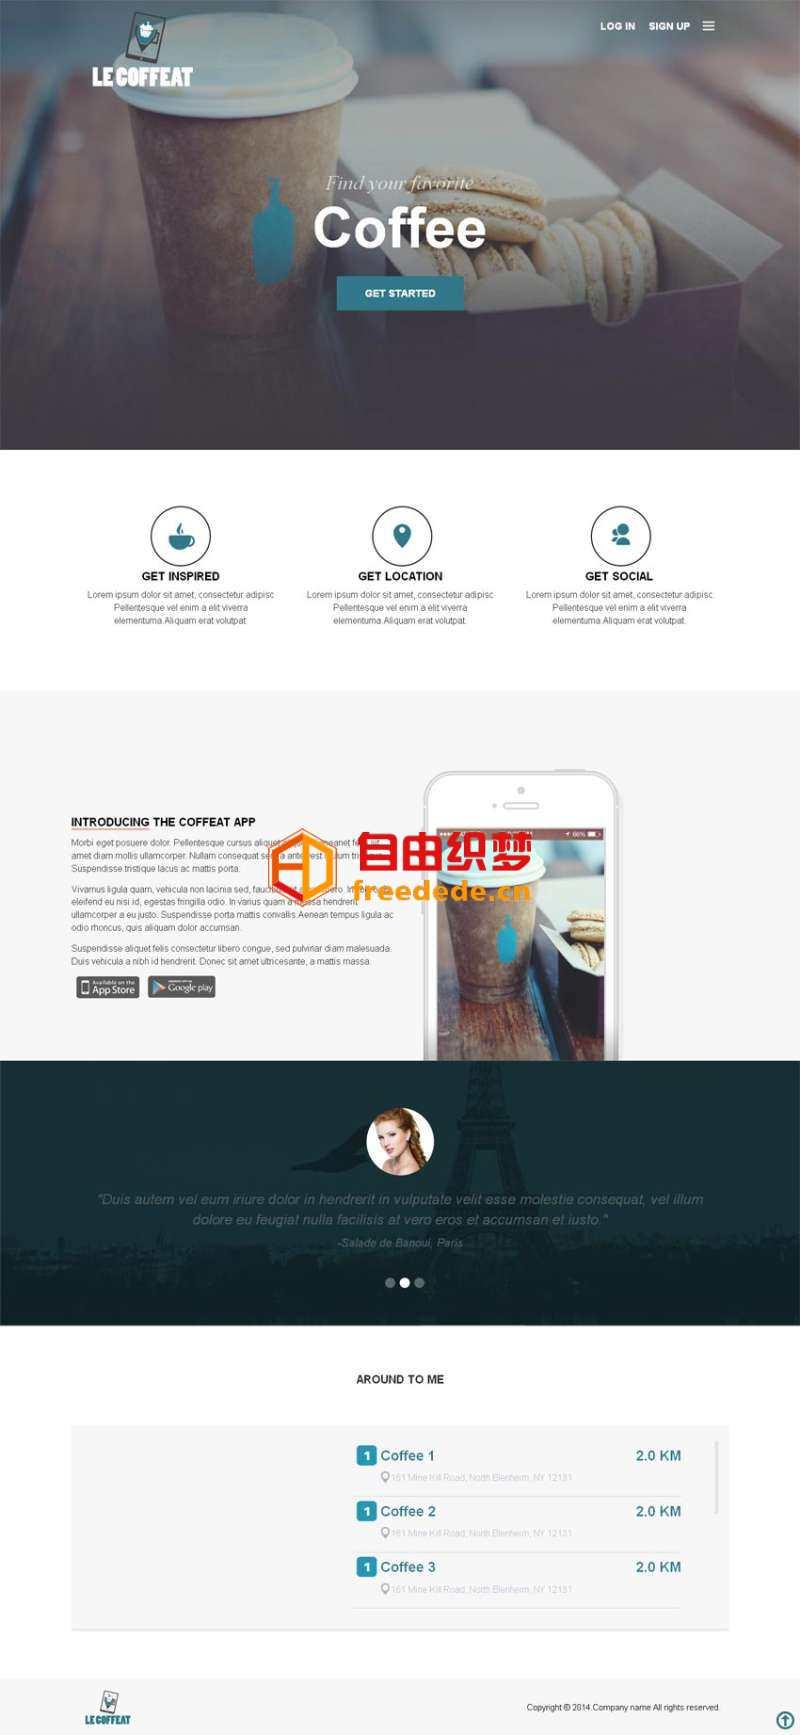 爱上源码网文章HTML5 app模板咖啡甜点app专题页介绍单页模板下载的内容插图